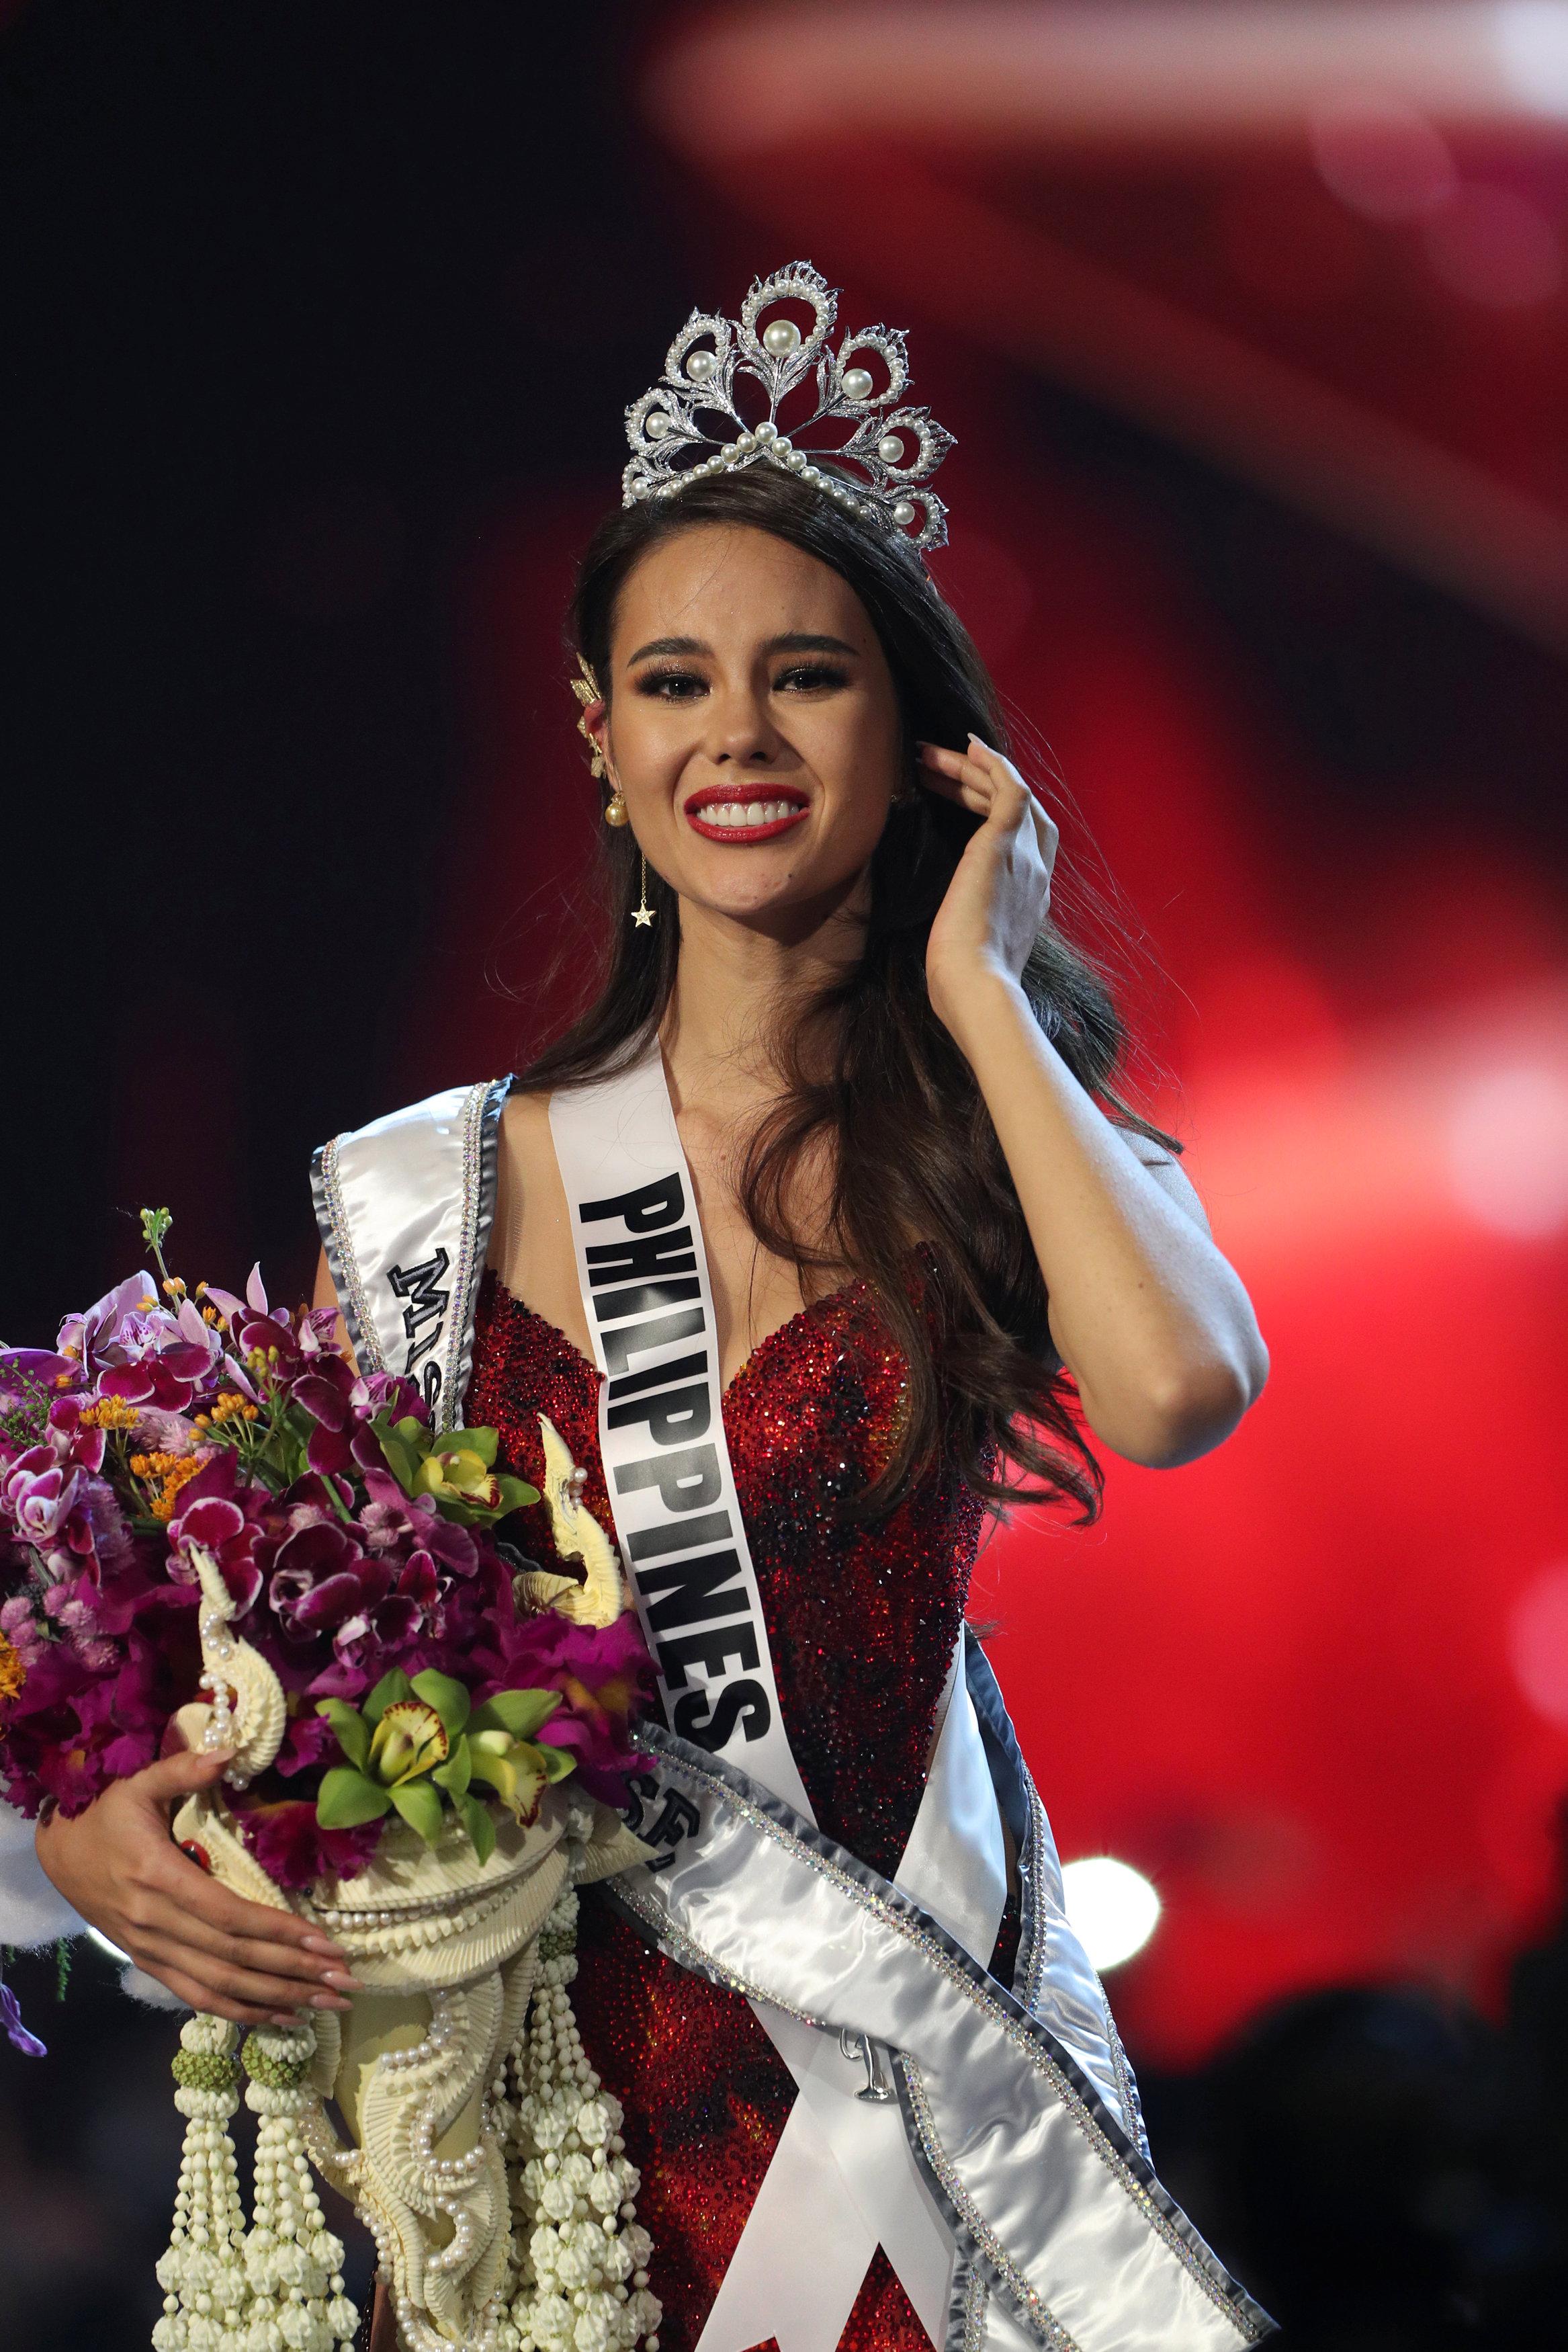 مسابقة ملكة جمال الكون من بانكوك (2)